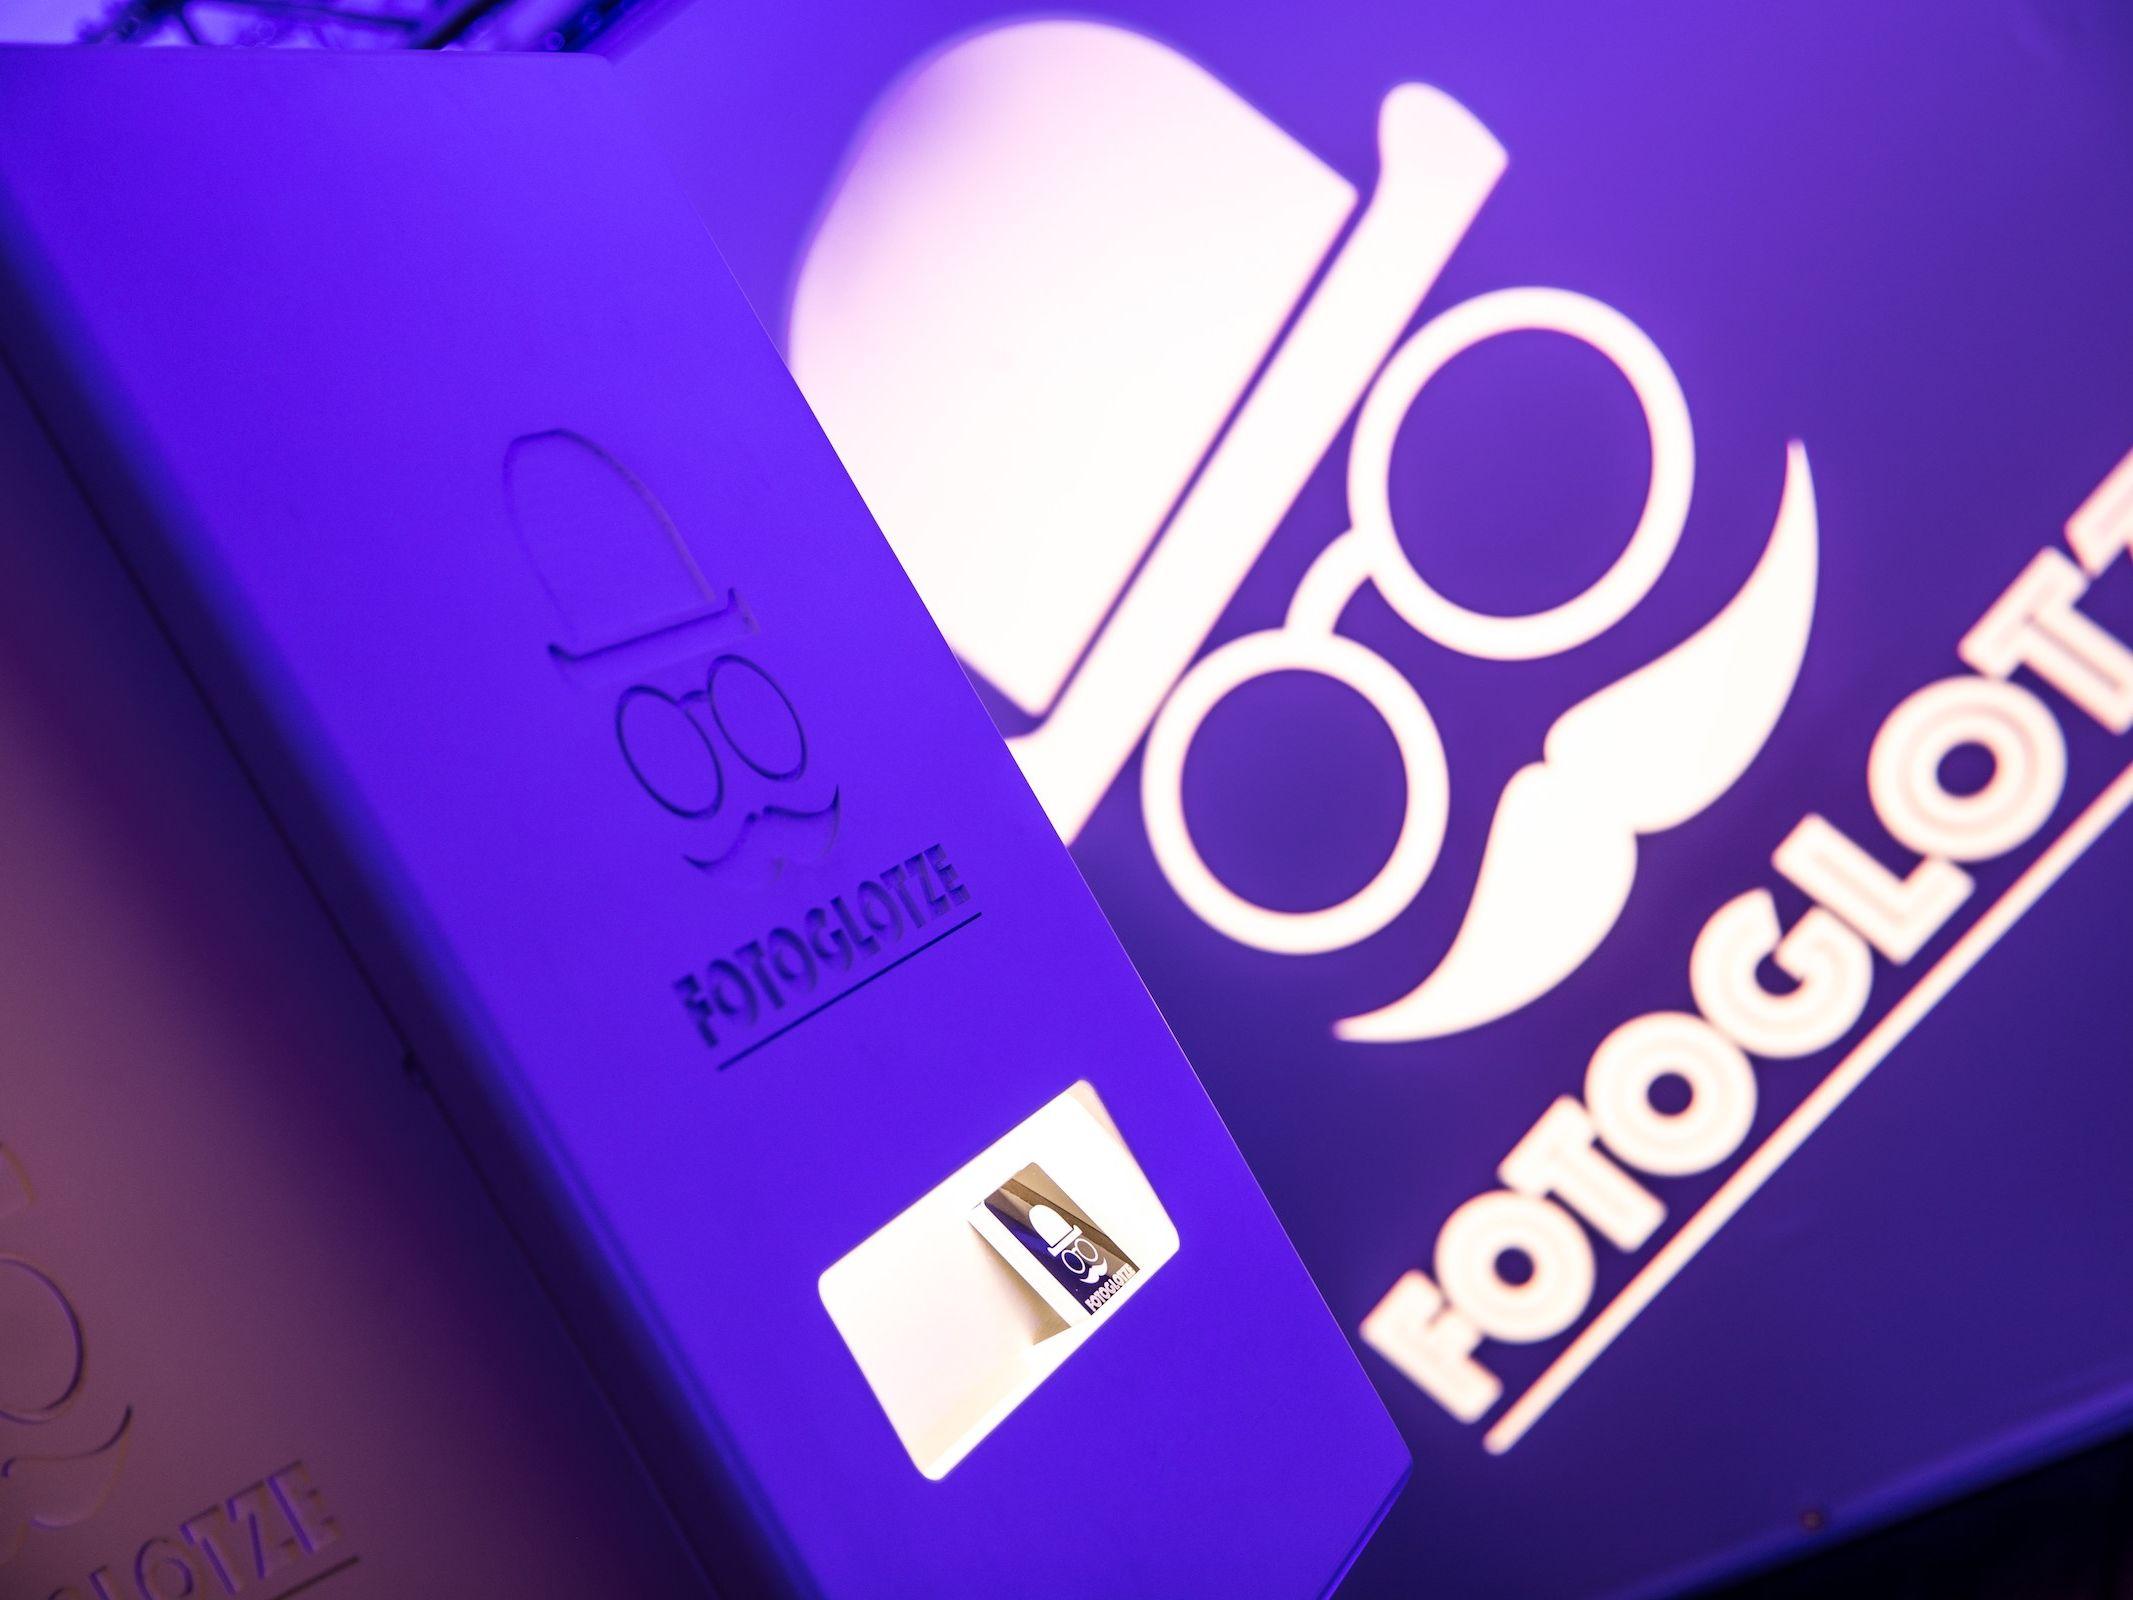 Fotobox | Mieten | Druck | Ausdruck | Sofortdruck | Fotokiste | Photobooth | Hochzeit | Messe | Event | Firmenfeier | Abiball | Buchen | Anfragen | Mieten | Fotoglotze | Lehmann | Eventservice